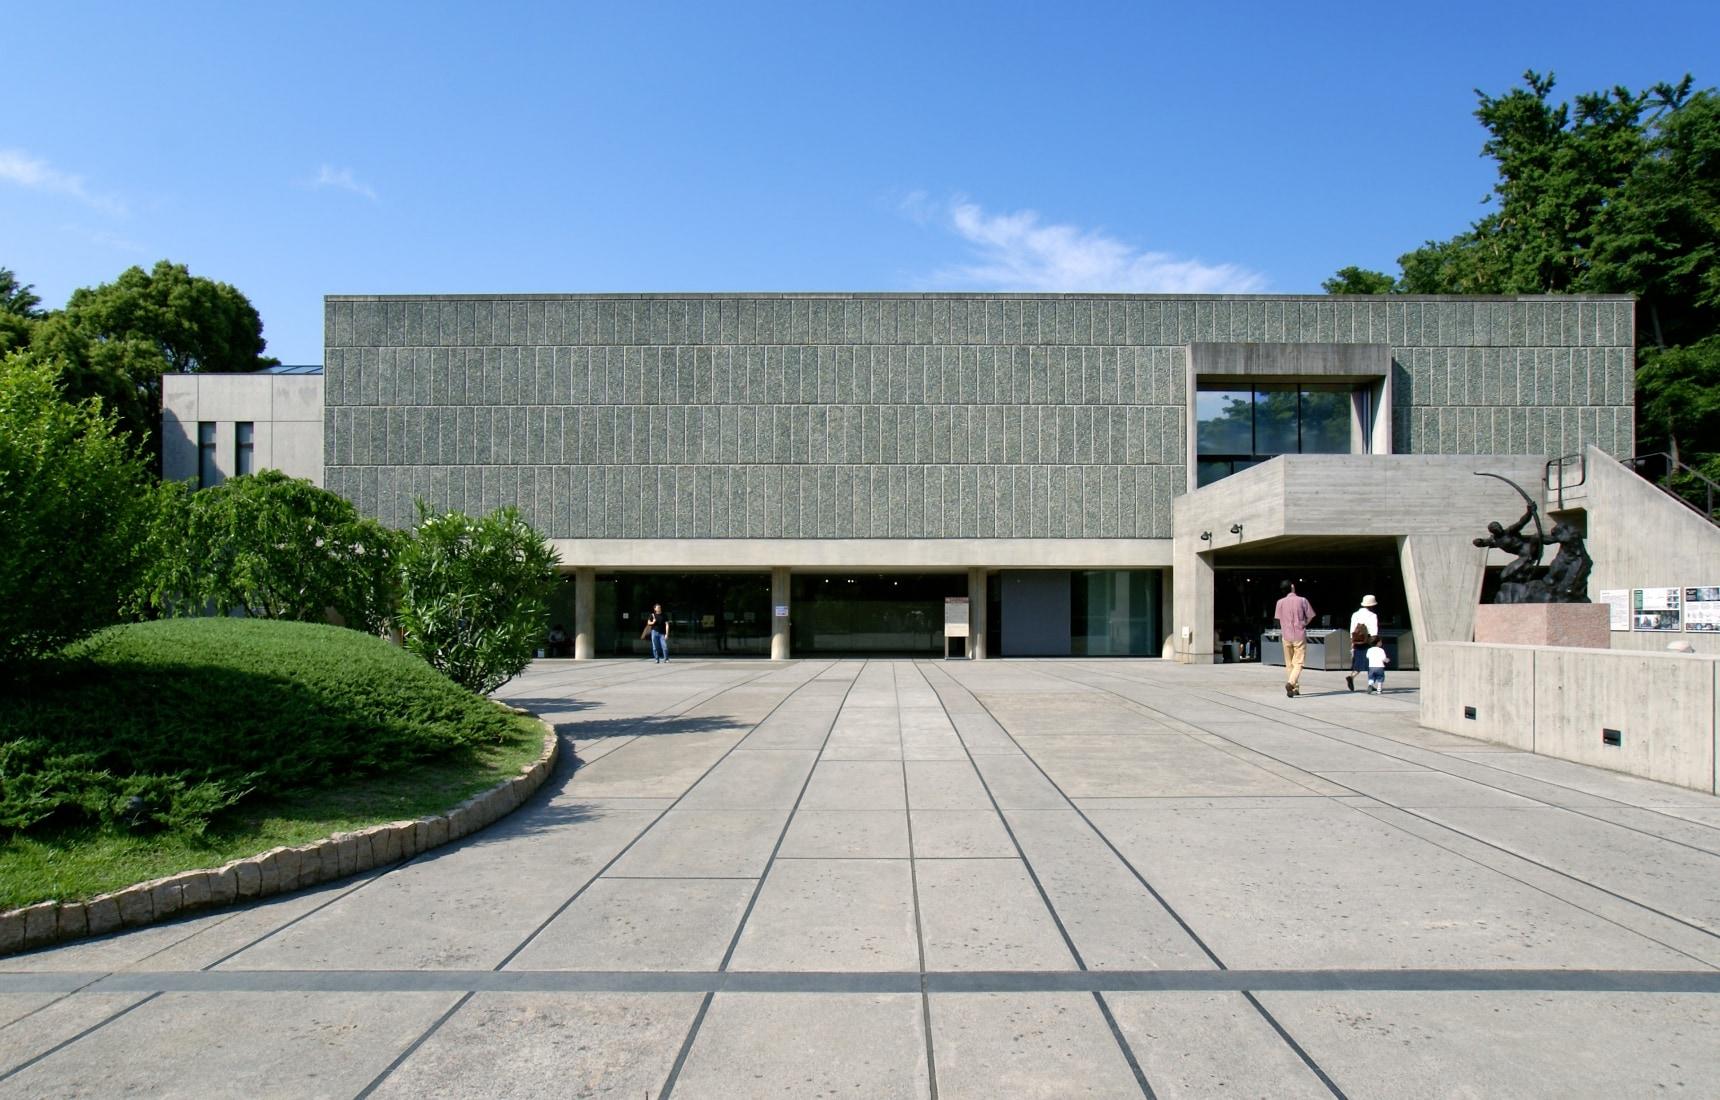 พิพิธภัณฑ์ศิลปะตะวันตก มรดกโลกล่าสุดของ Tokyo